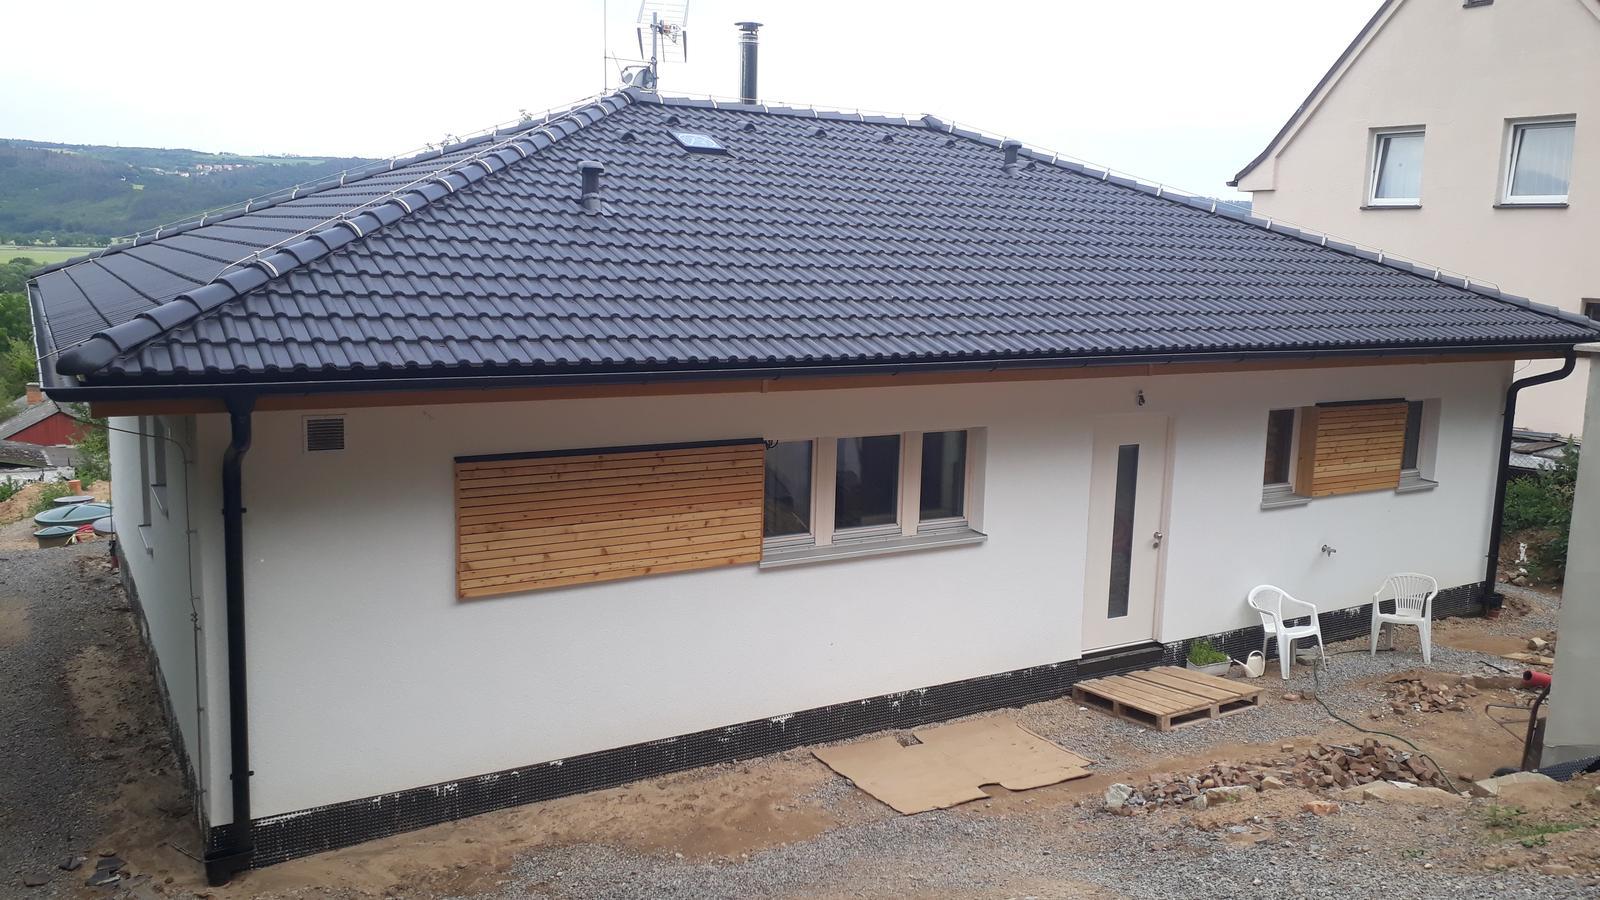 Stavba našeho bungalovu ve svahu - Obrázek č. 47